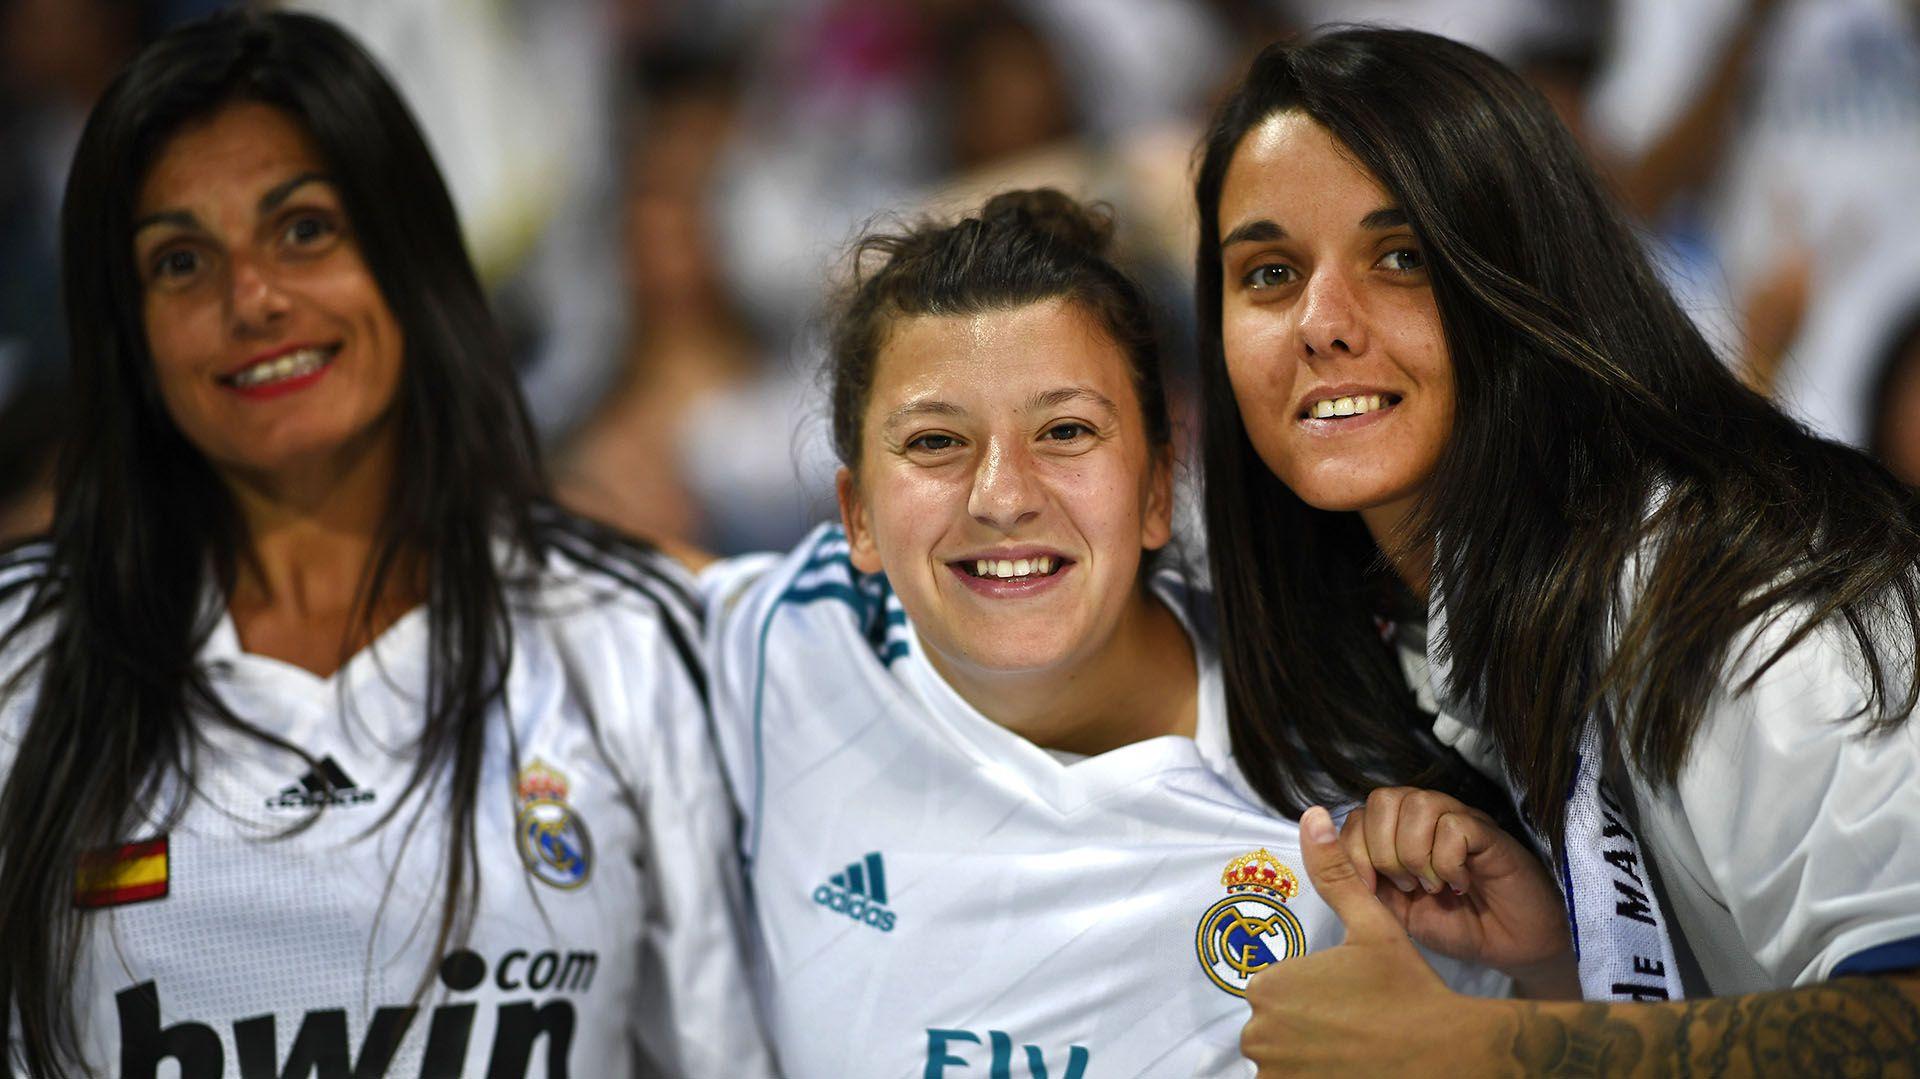 Real Madrid tendrá equipo de fútbol femenino a partir de la próxima temporada (Grosby)